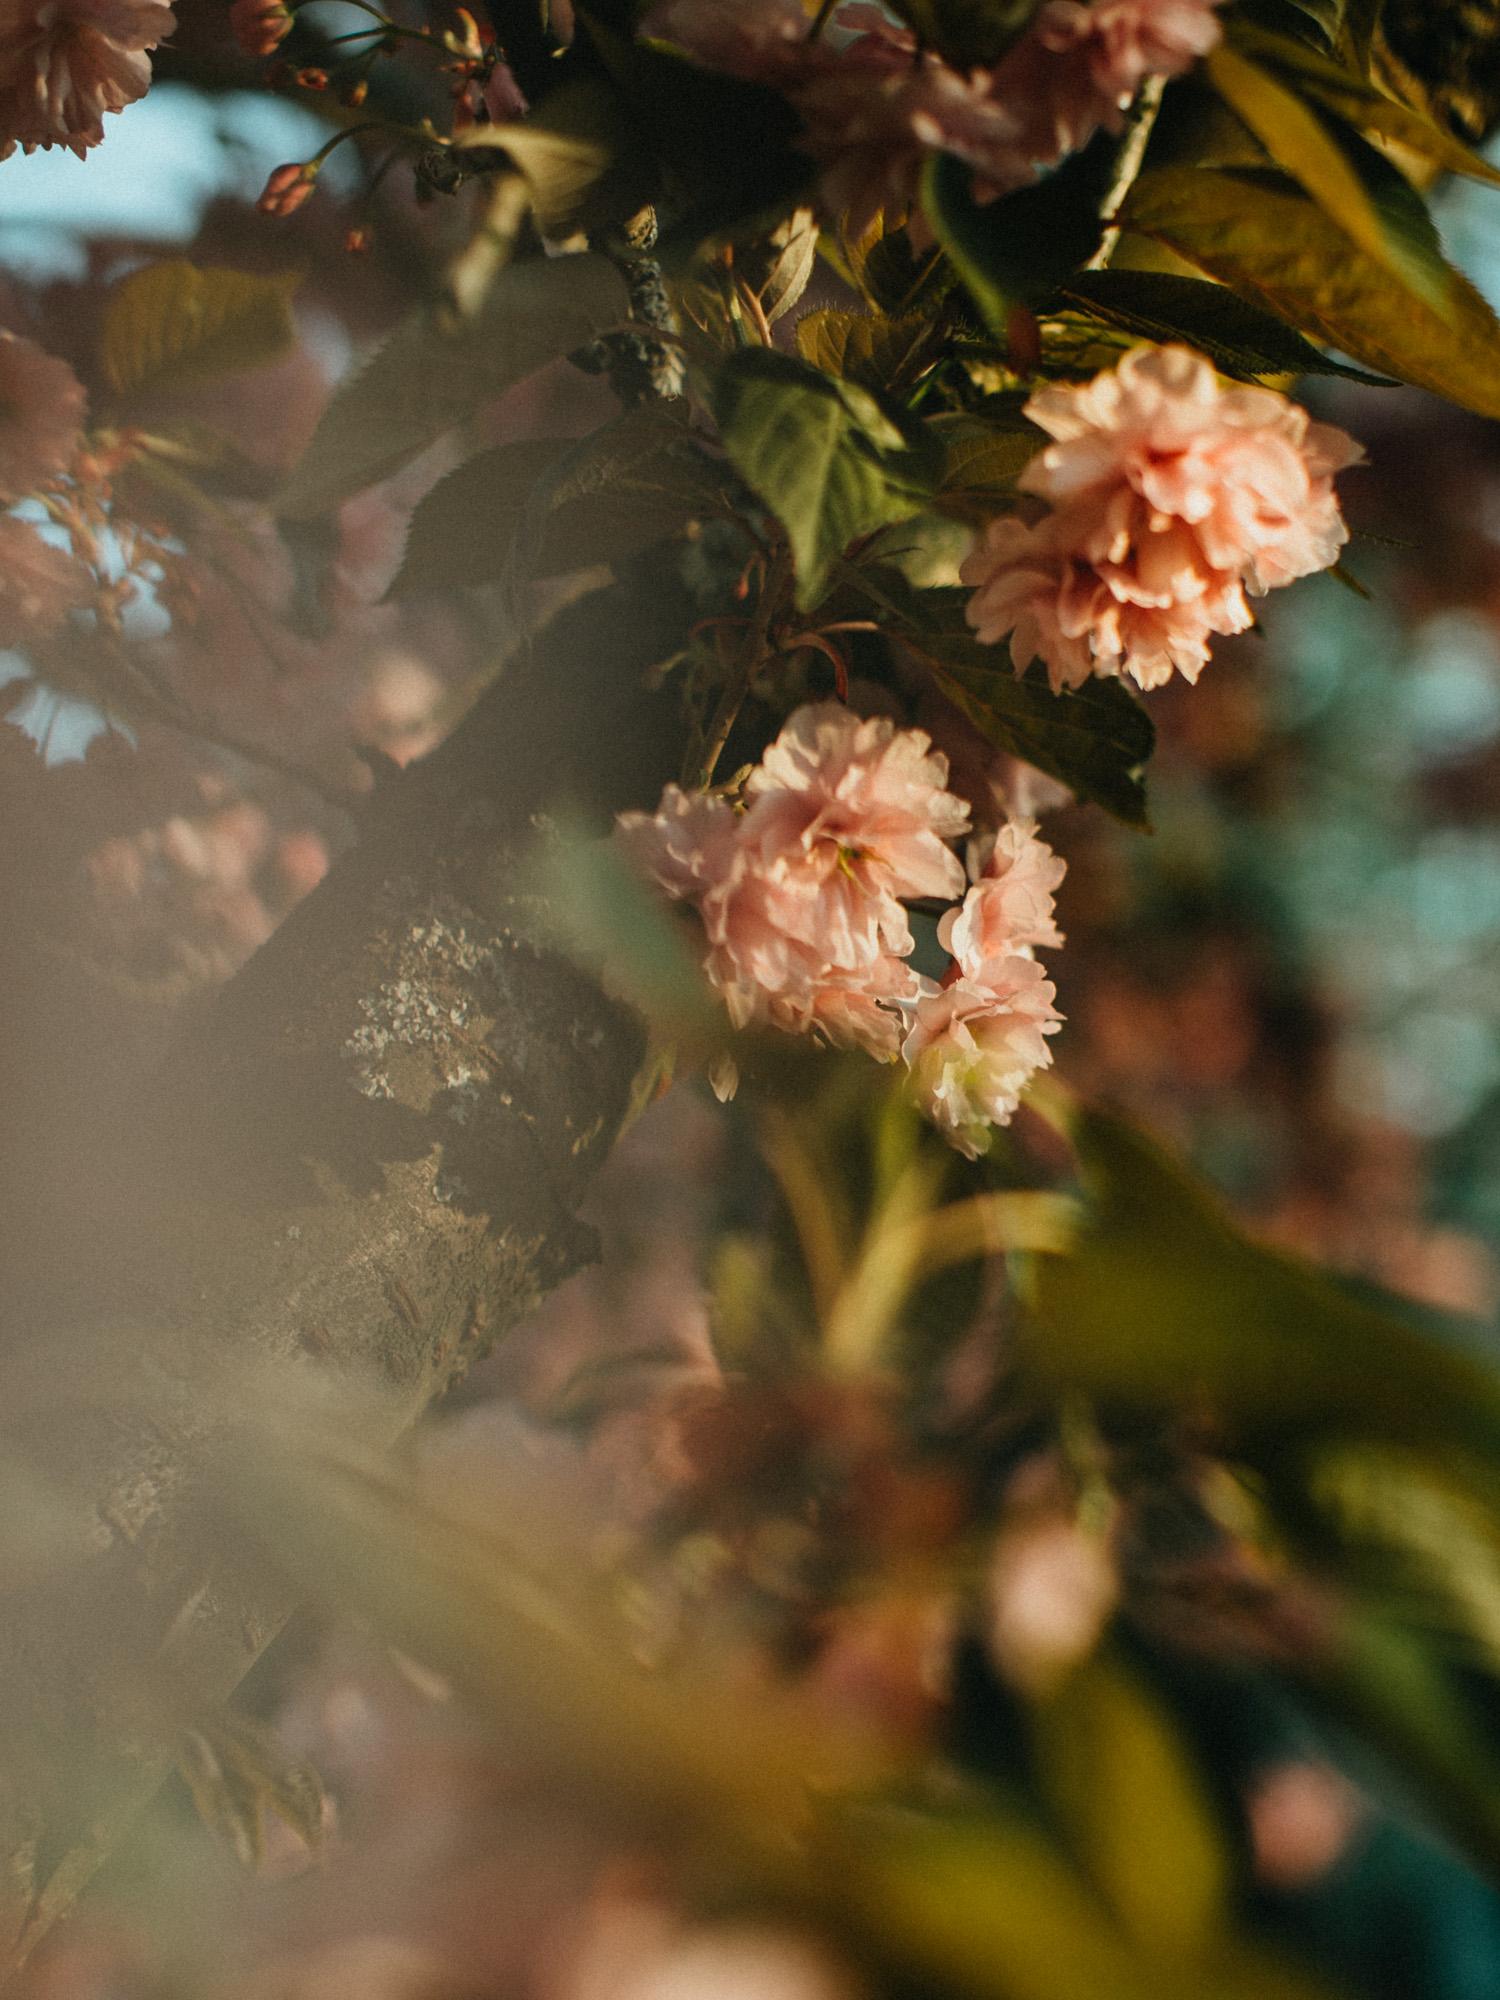 journal photographie confinement - photographe portrait rouen - sylvain marchand - portraits naturels - photographe lifestyle - seance photo lifestyle - portraits artistiques normandie